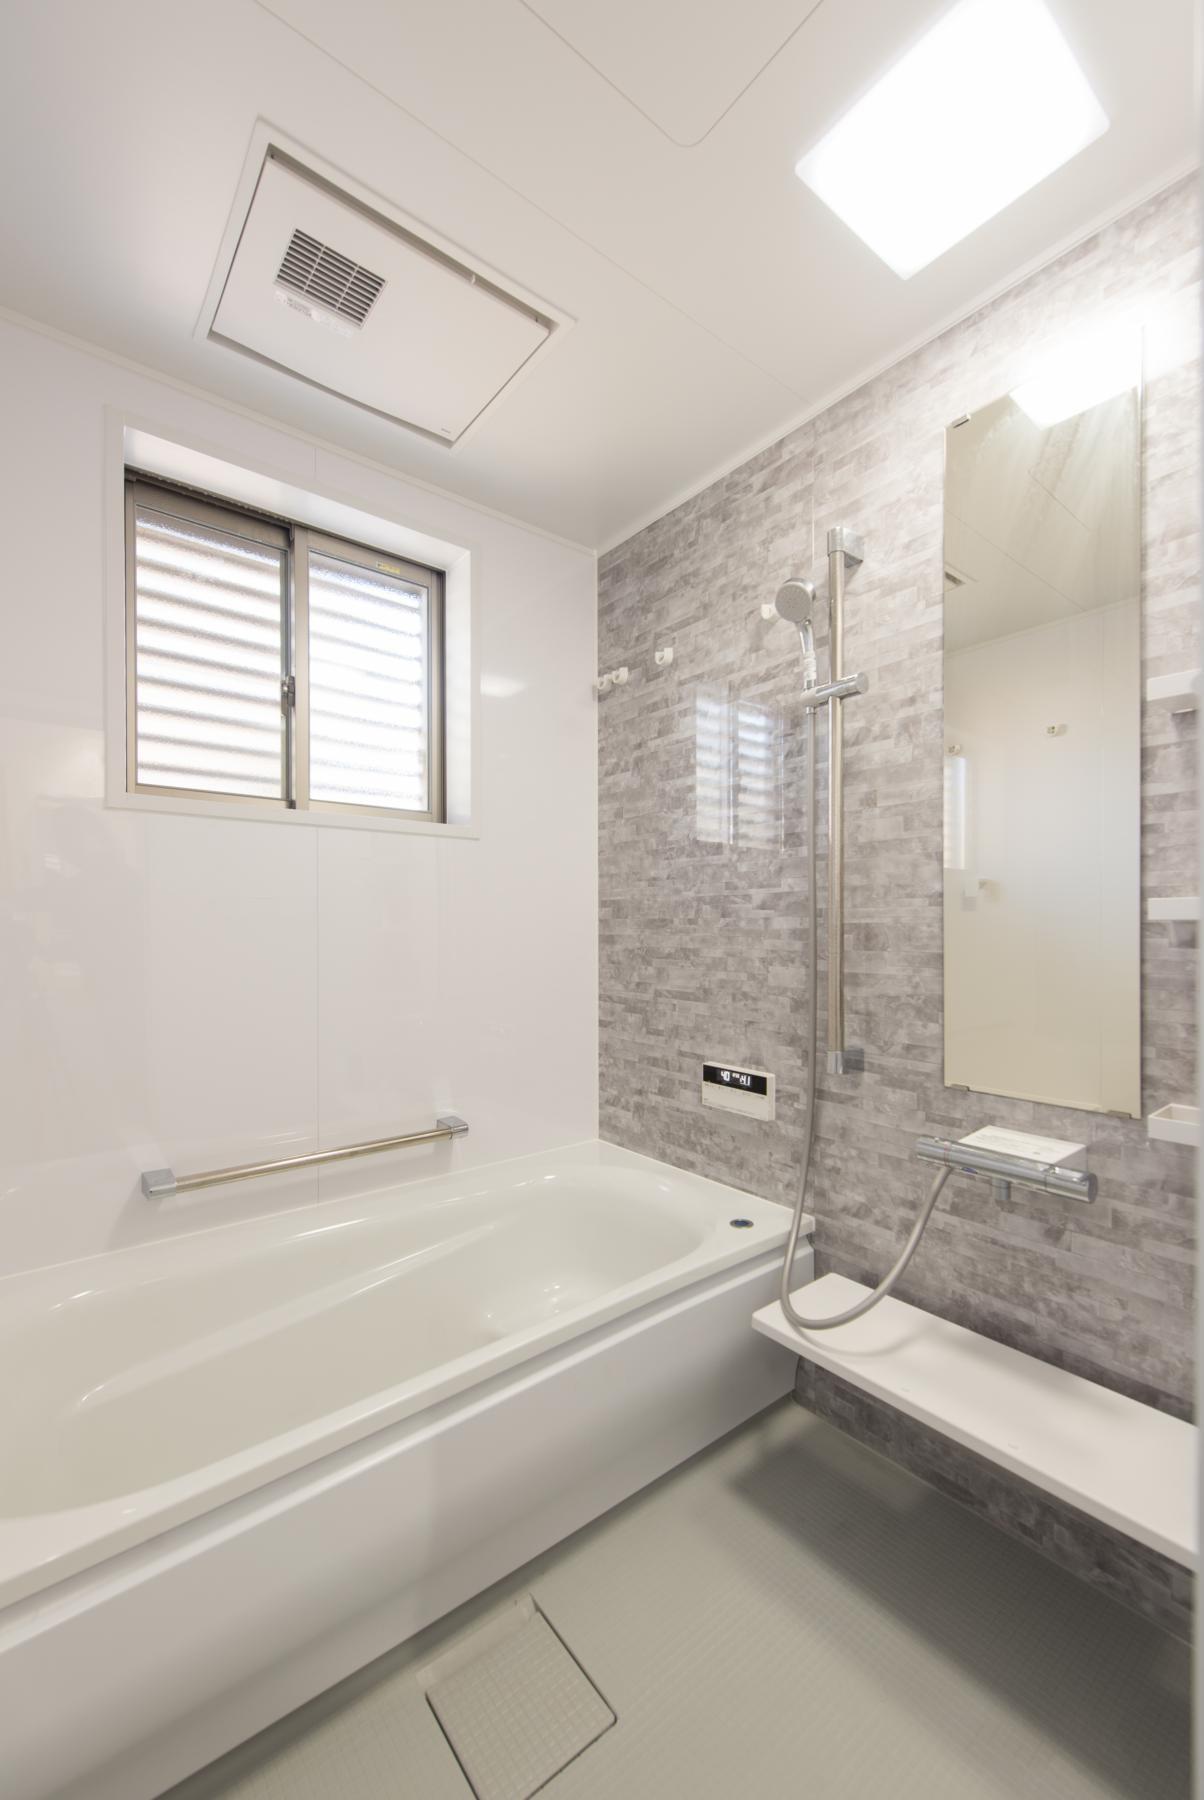 バス/トイレ事例:浴室(落ち着いた和モダンに二世帯が心地よく暮らす、戸建て全面改装)